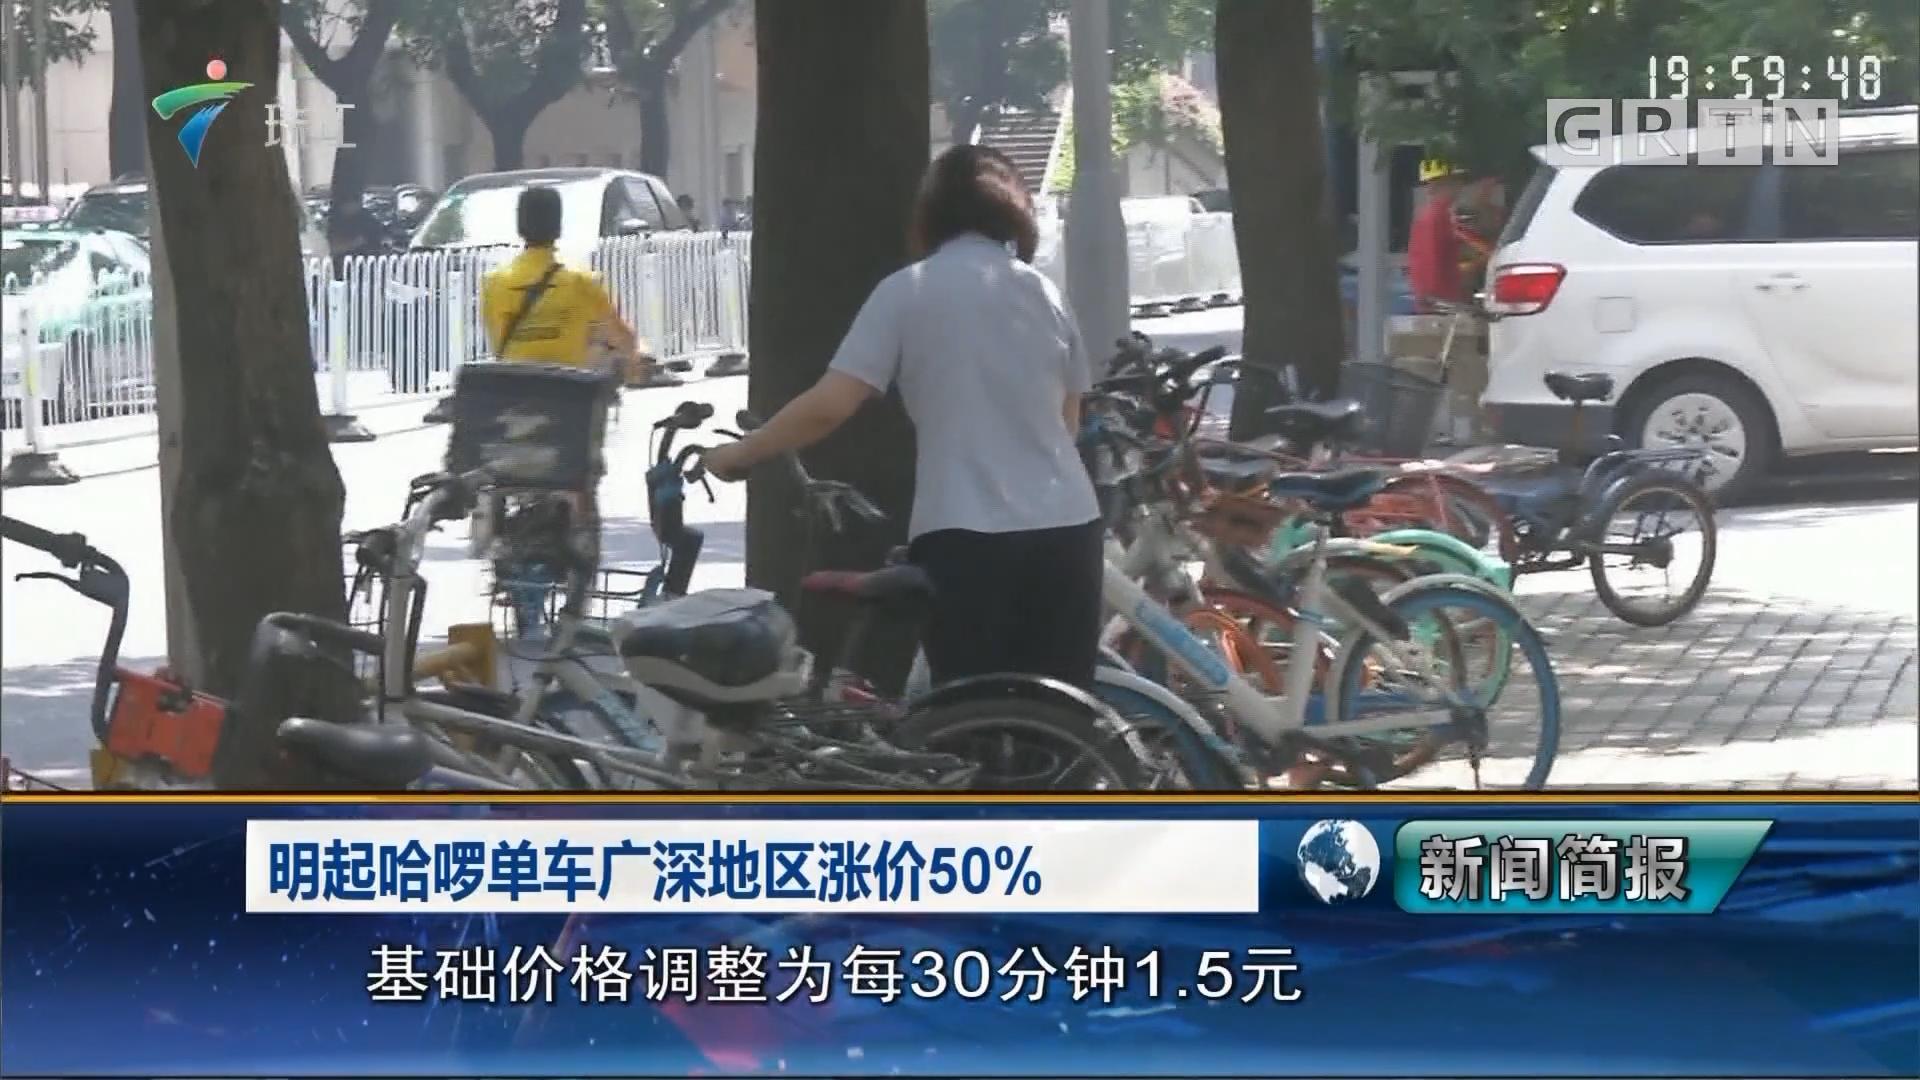 明起哈啰单车广深地区涨价50%